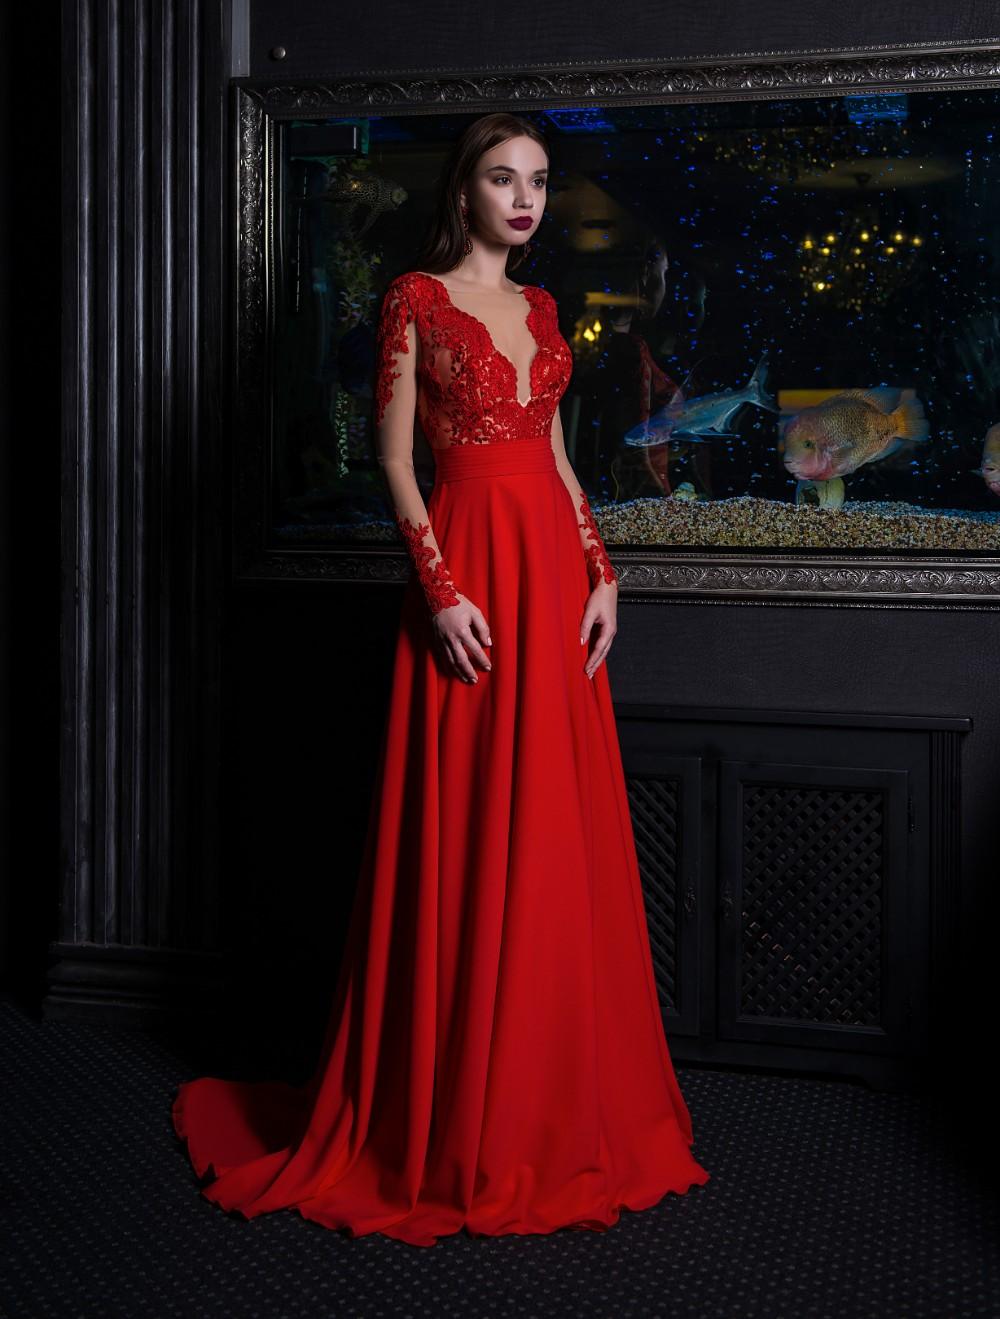 91a8cc26 Evening dresses V-153 - Nivaldo Wedding Dresses London Shop